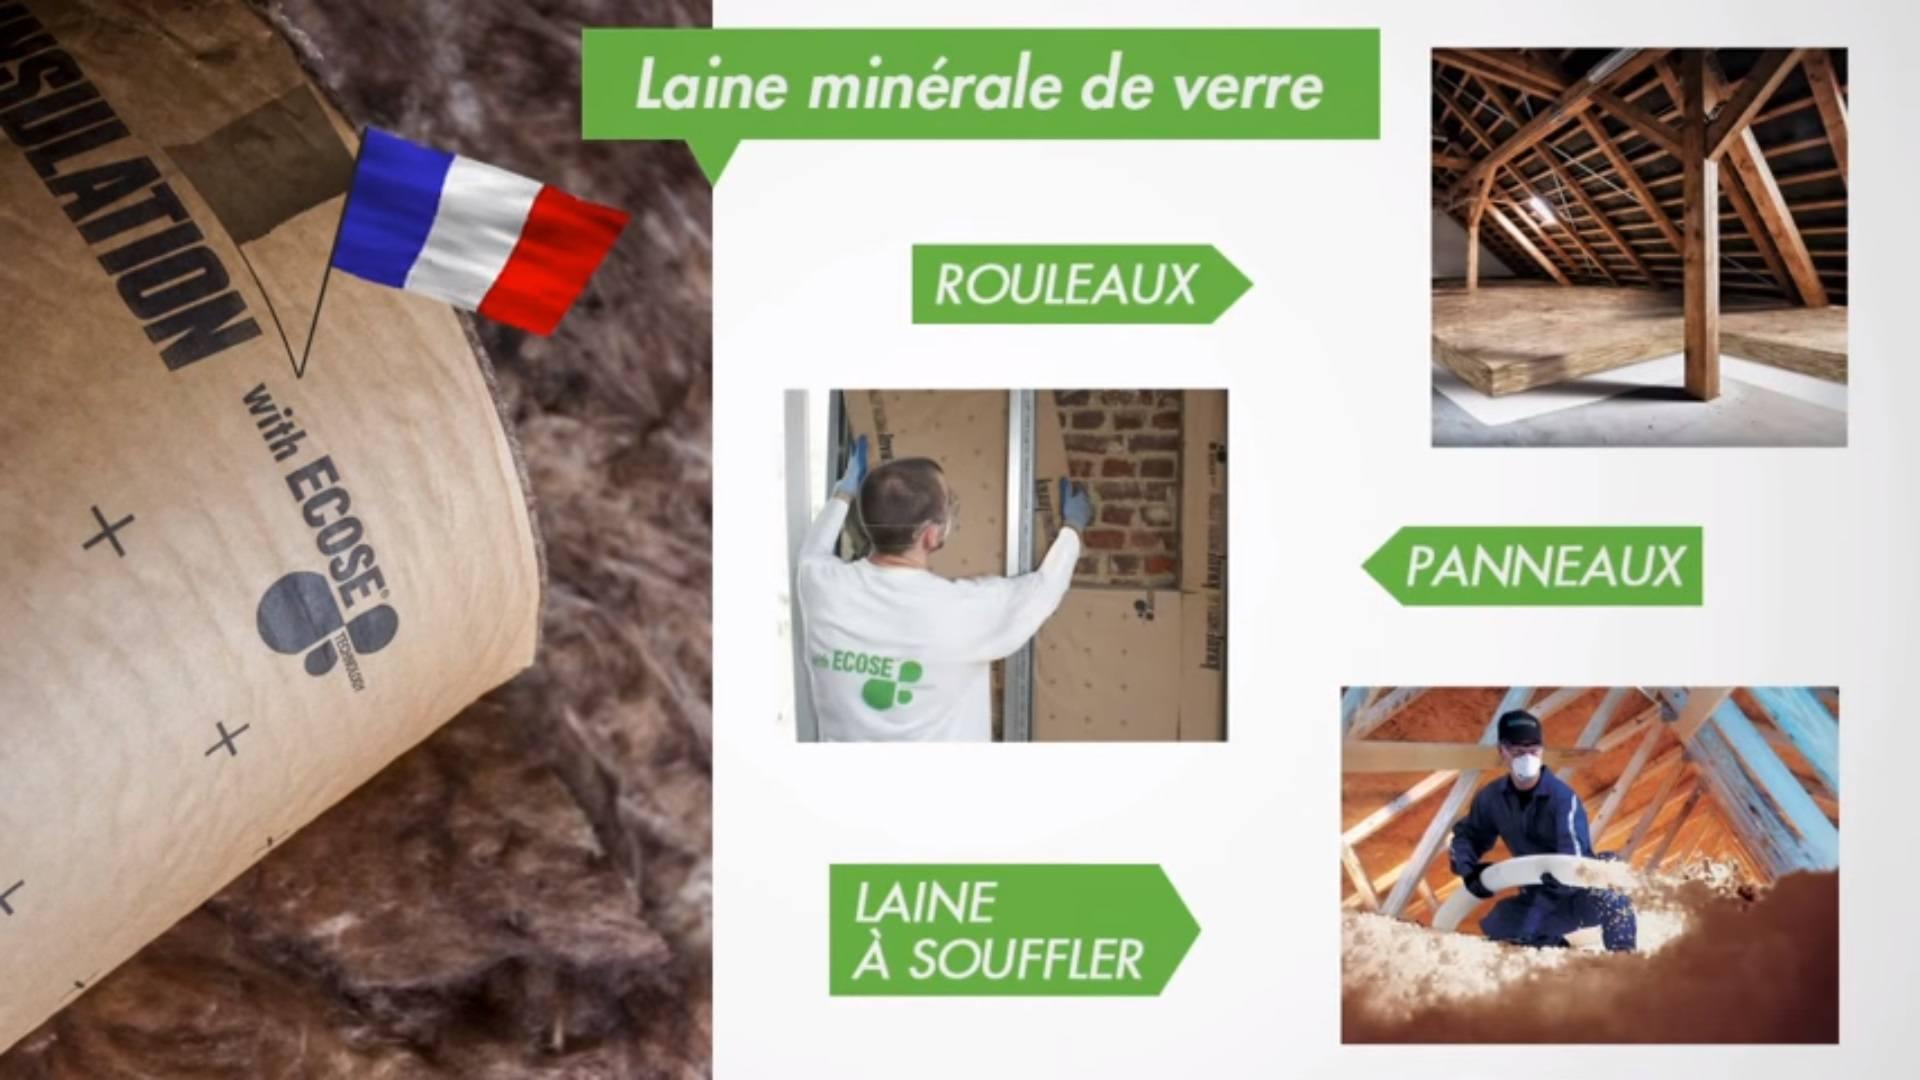 Panneau en laine de verre minérale Ecose